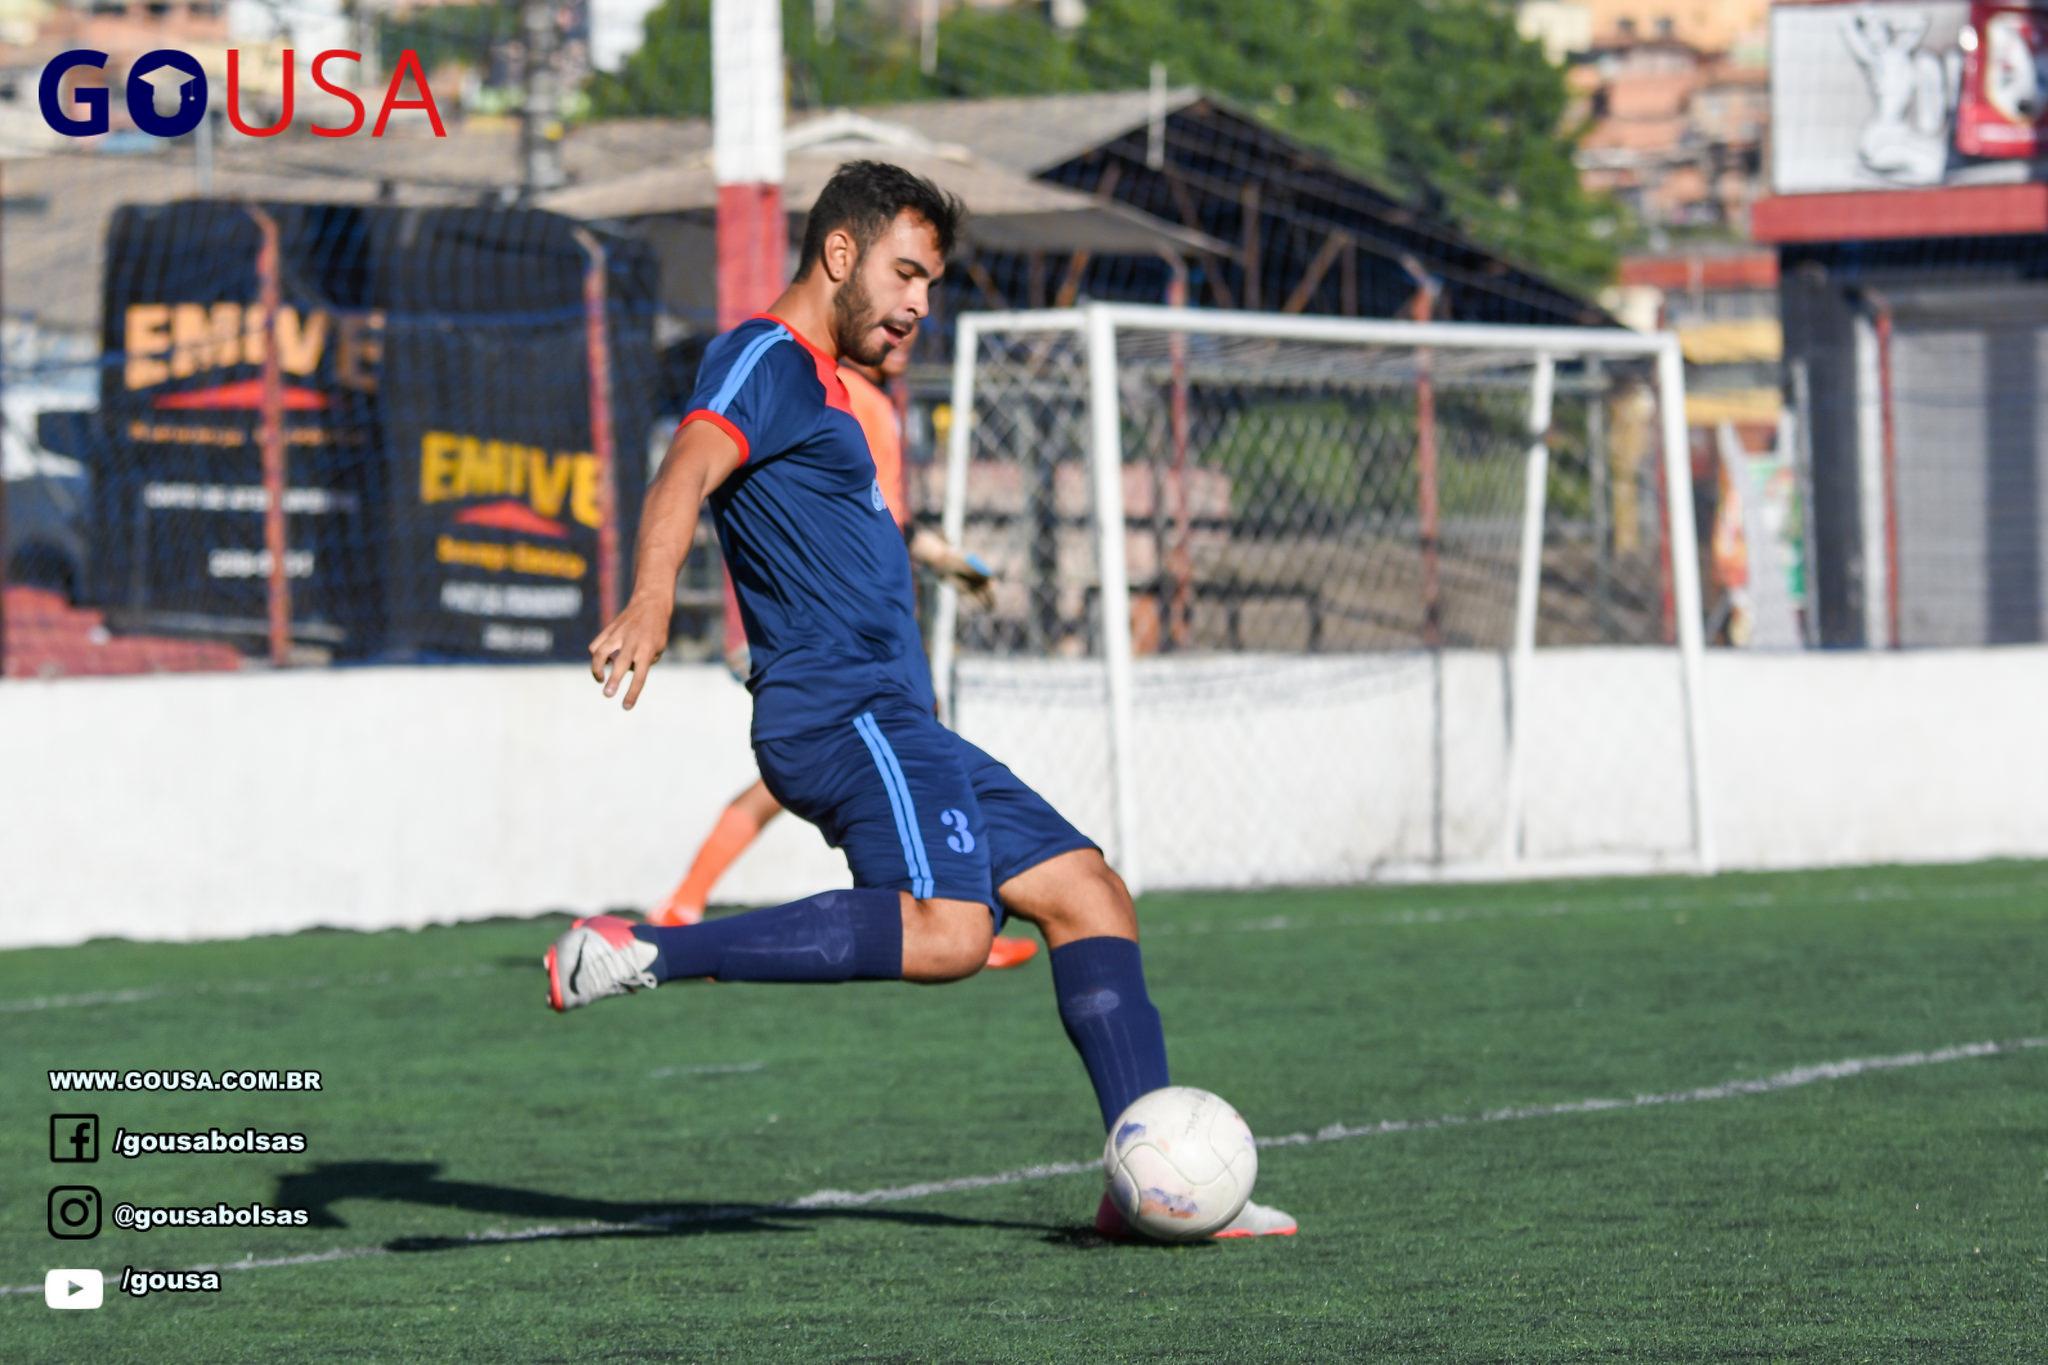 Italo Vichiatto - Men's Soccer